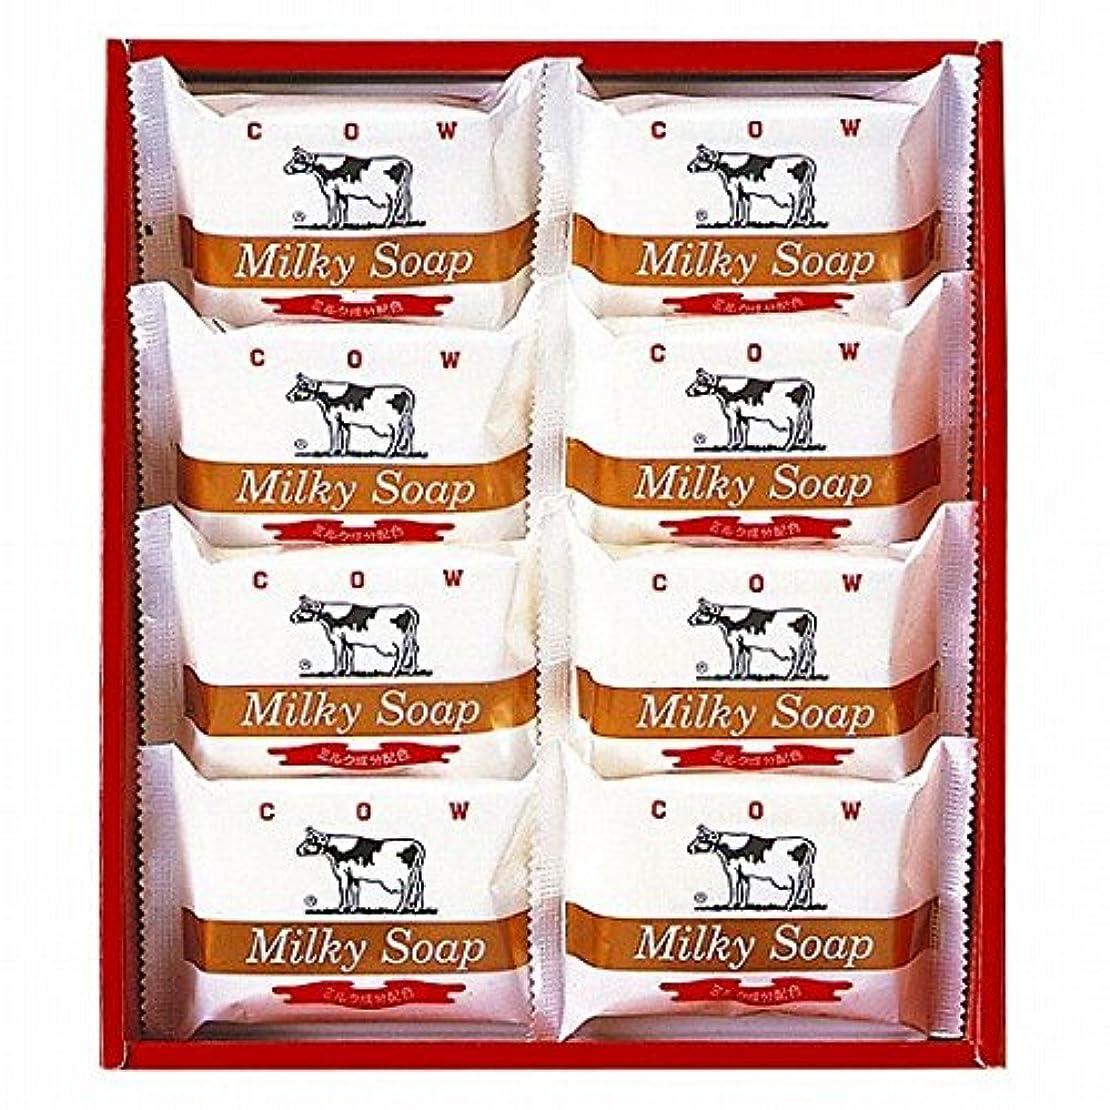 ハドルカカドゥエチケットnobrand 牛乳石鹸 ゴールドソープセット (21940004)